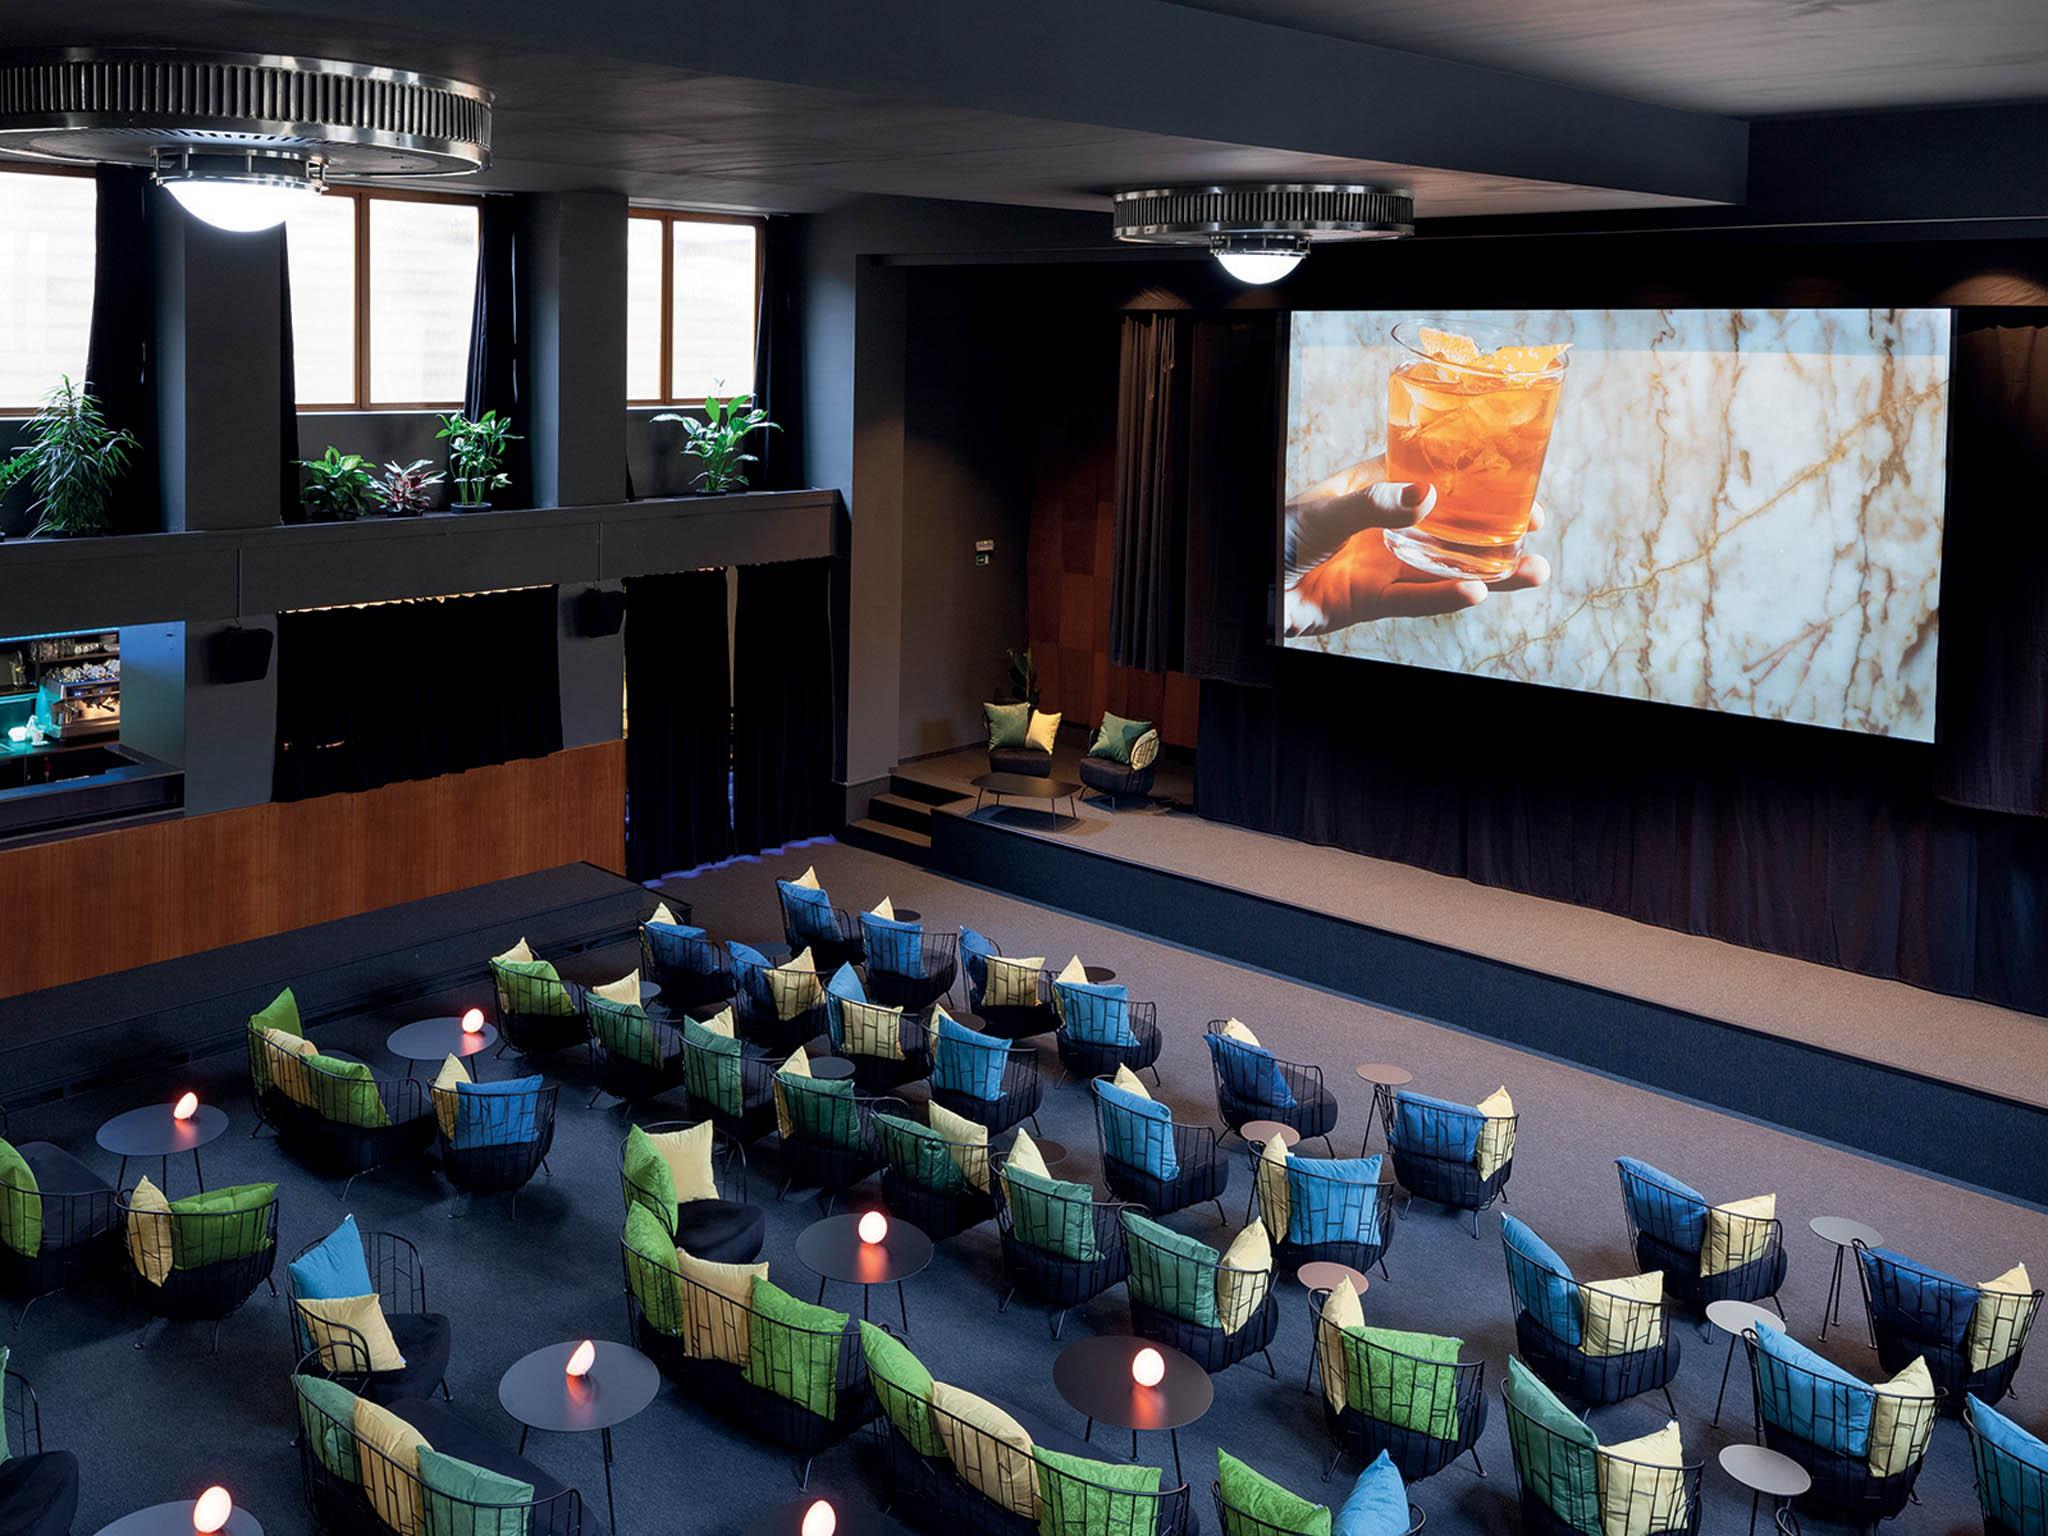 NaŽižkově otevřela Přítomnost, první butikové kino spohodlným sezením abarem přímo vsále.